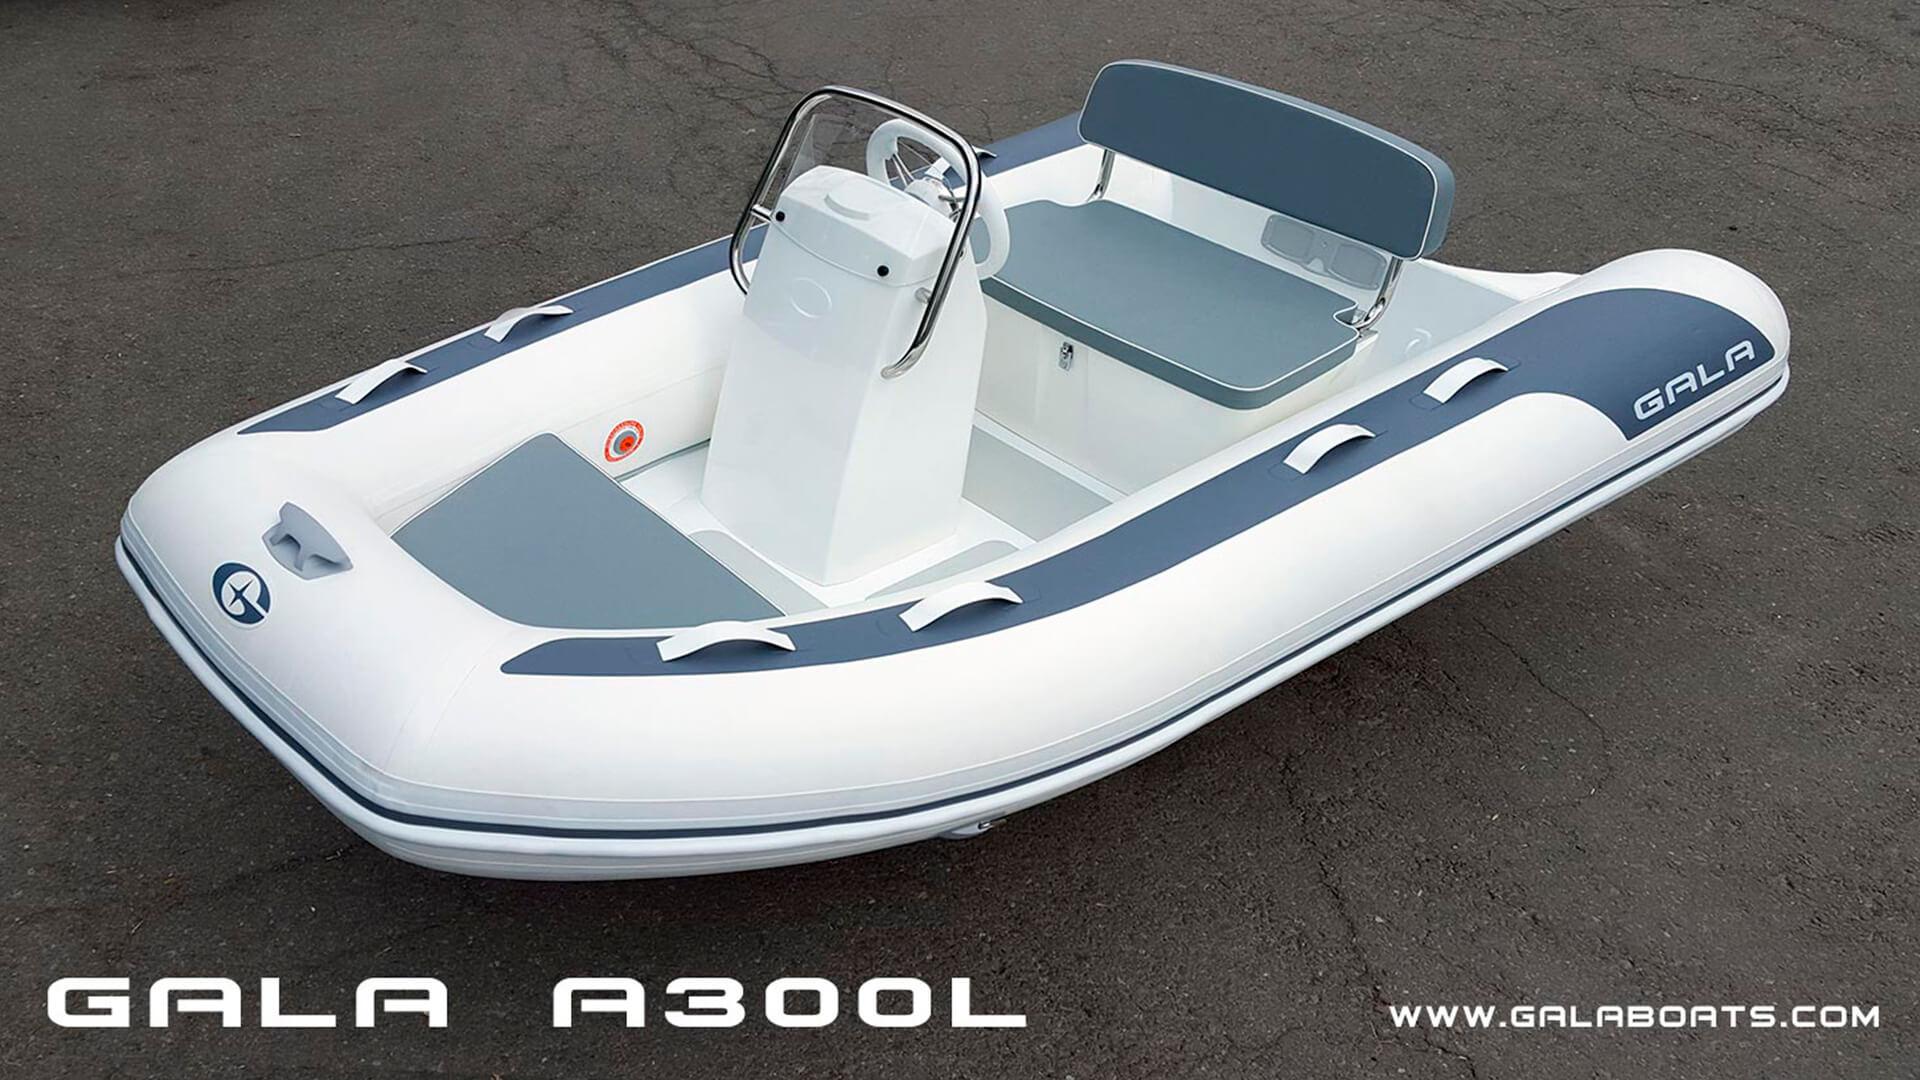 Надувная лодка с жестким алюминиевым дном GALA Atlantis A300L, Надувная лодка с жестким дном GALA Atlantis A300L, Надувная лодка с жестким дном GALA A300L, Надувная лодка GALA A300L, Надувная лодка GALA A300L, GALA A300L, лодка с жестким дном, алюминиевый риб, алюминиевый RIB, RIB, тендерная лодка, тендер для яхты